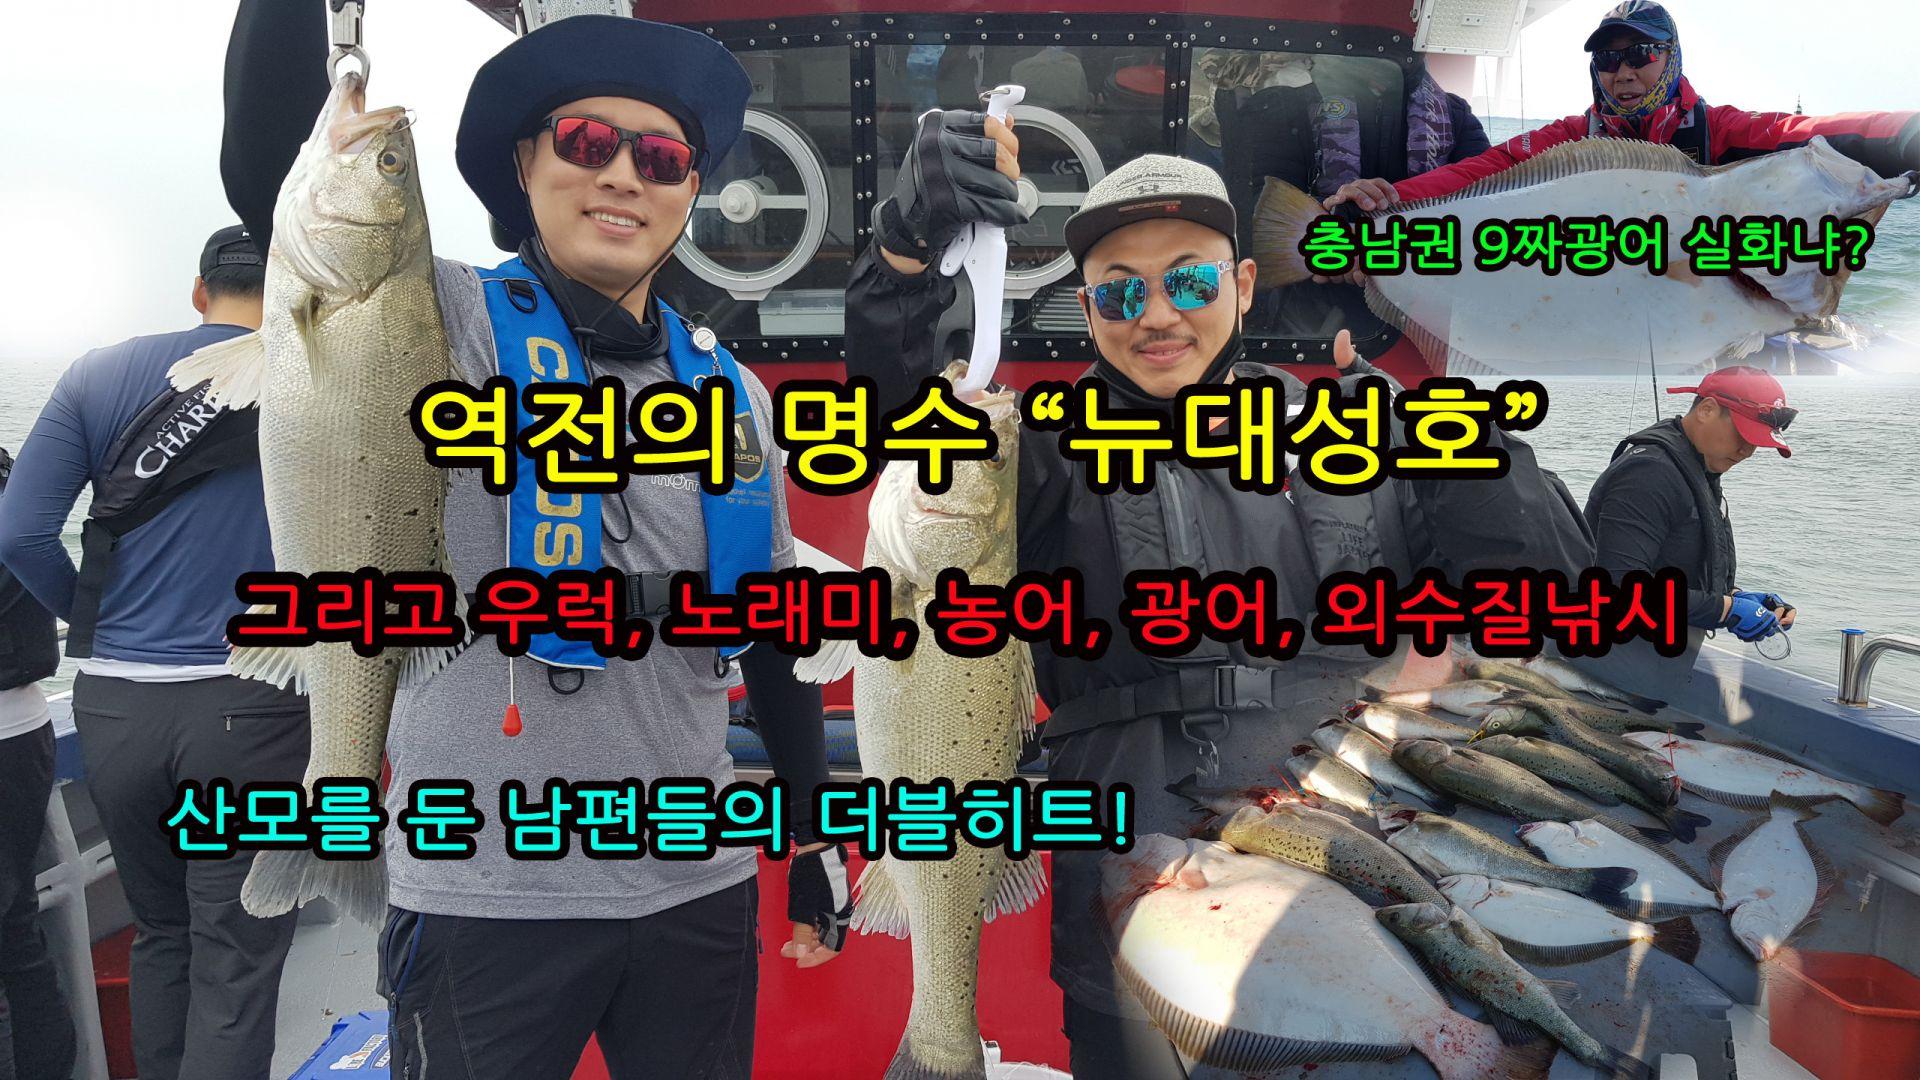 5월 20일 ~ 6월 1일까지의 뉴대성호 외수질 조황영상!